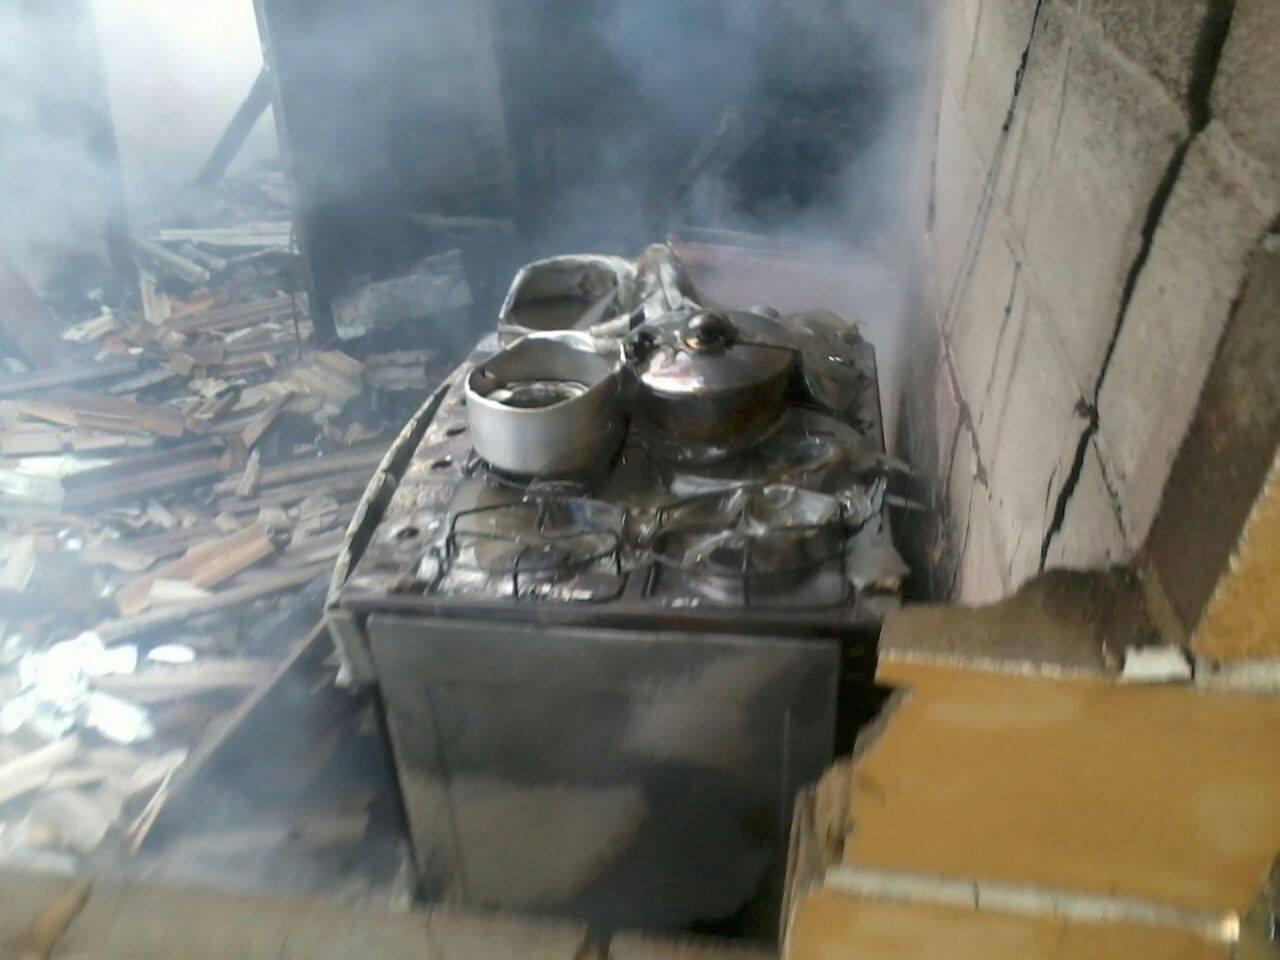 O estado da casa de Touro Moreno após incêndio, em Santa Teresa, no Espírito Santo